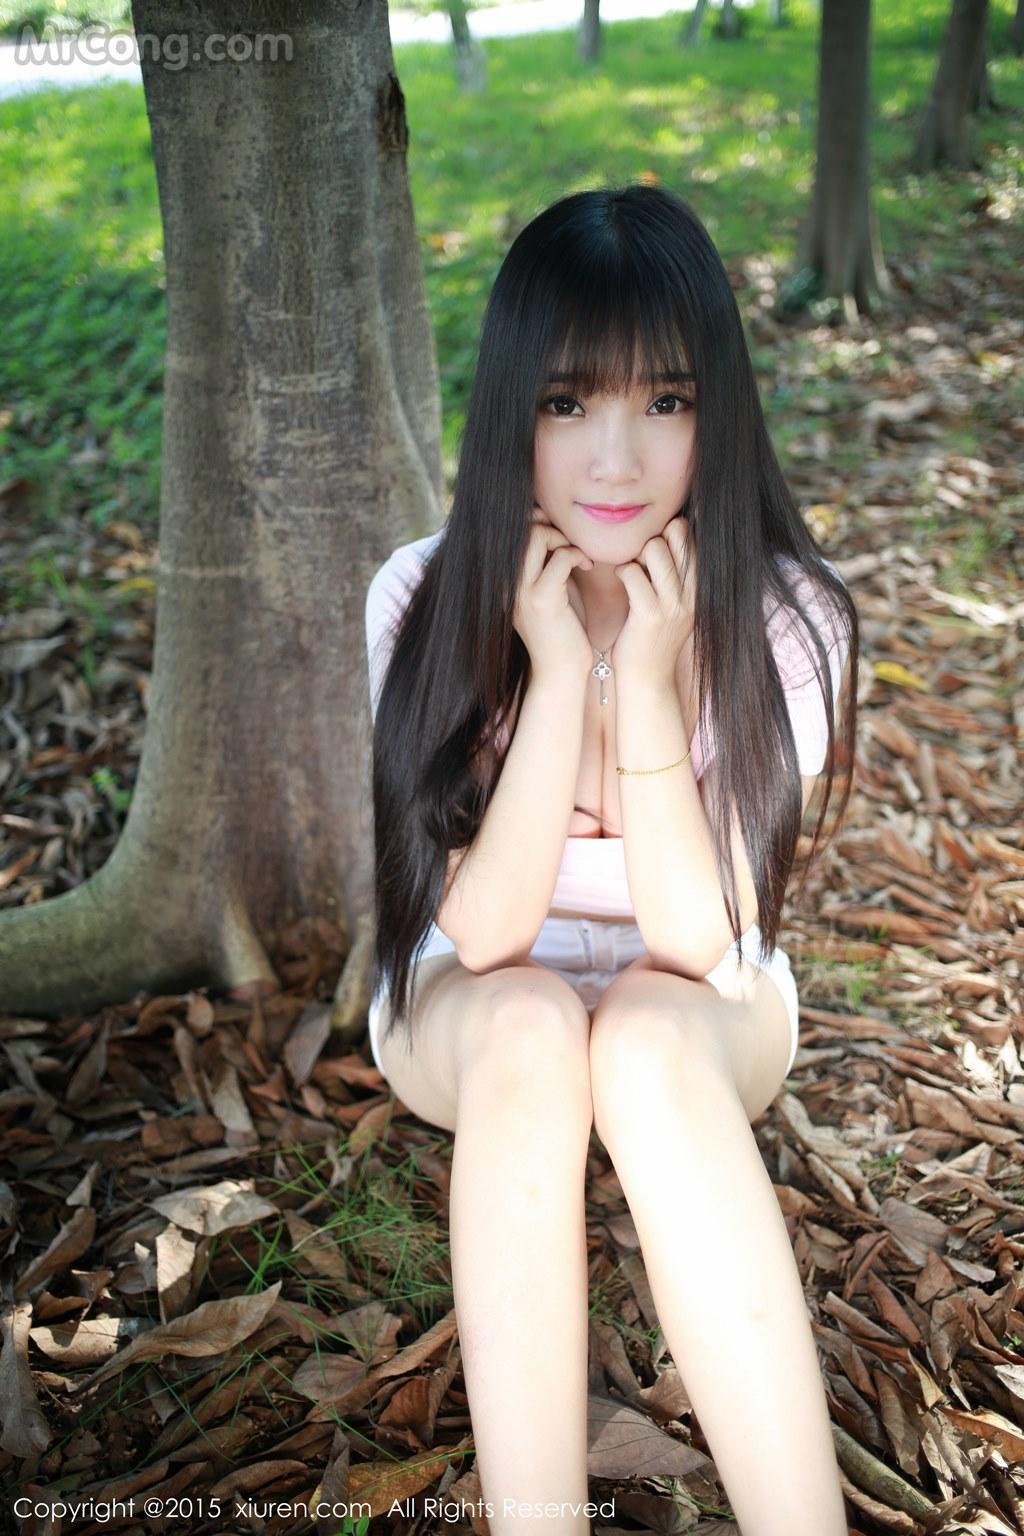 MrCong.com XIUREN No.345 Xia Yao baby 003 - XIUREN No.345: Model Xia Yao baby (夏 瑶 baby) (43 pictures)